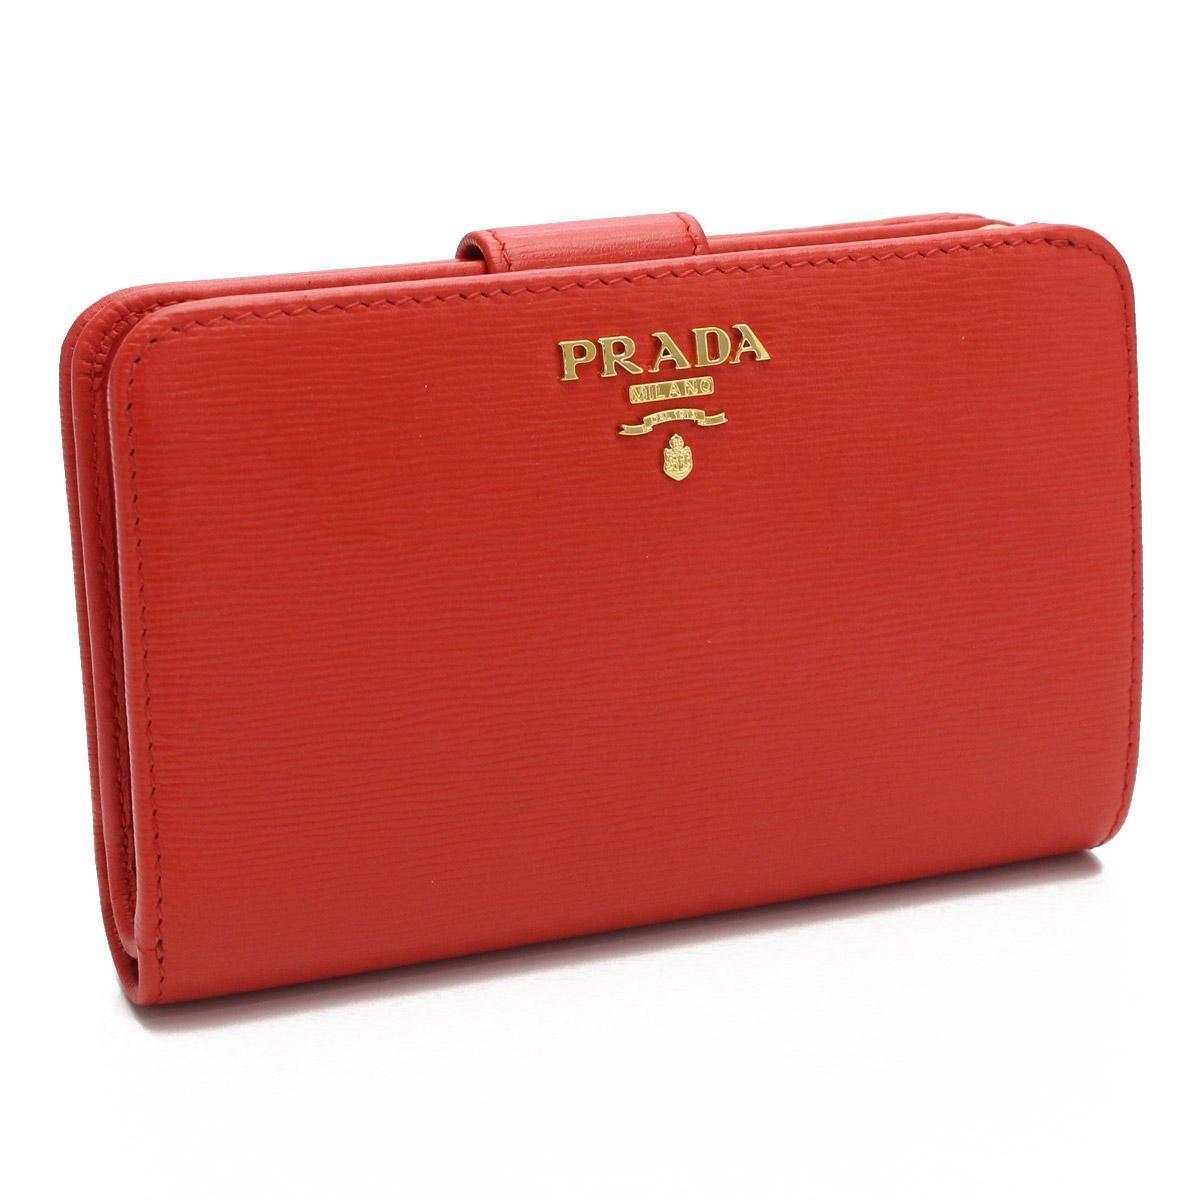 プラダ アウトレット(PRADA(OUTLET)) 二つ折り財布